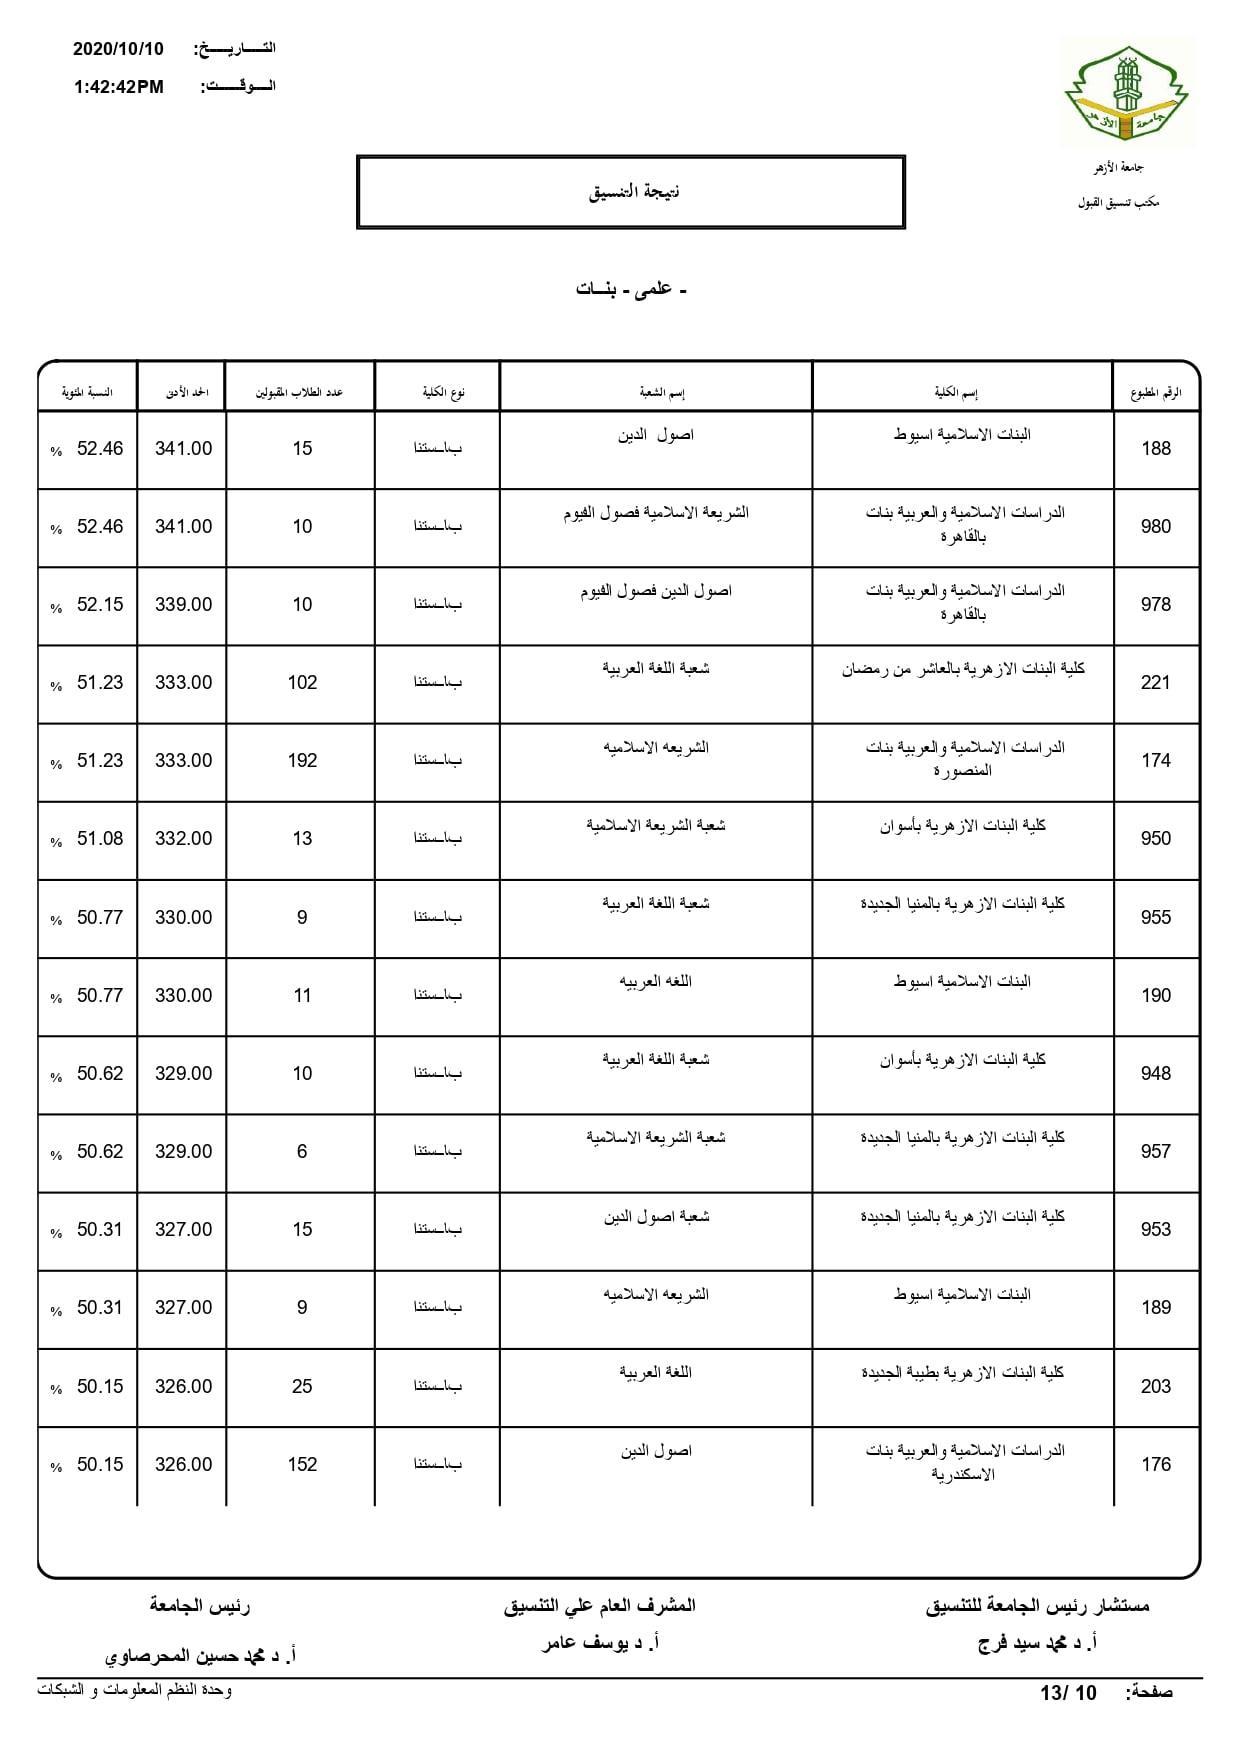 نتيجة تنسيق كليات جامعة الأزهر لعام 2020 بالكامل 20201010203435850